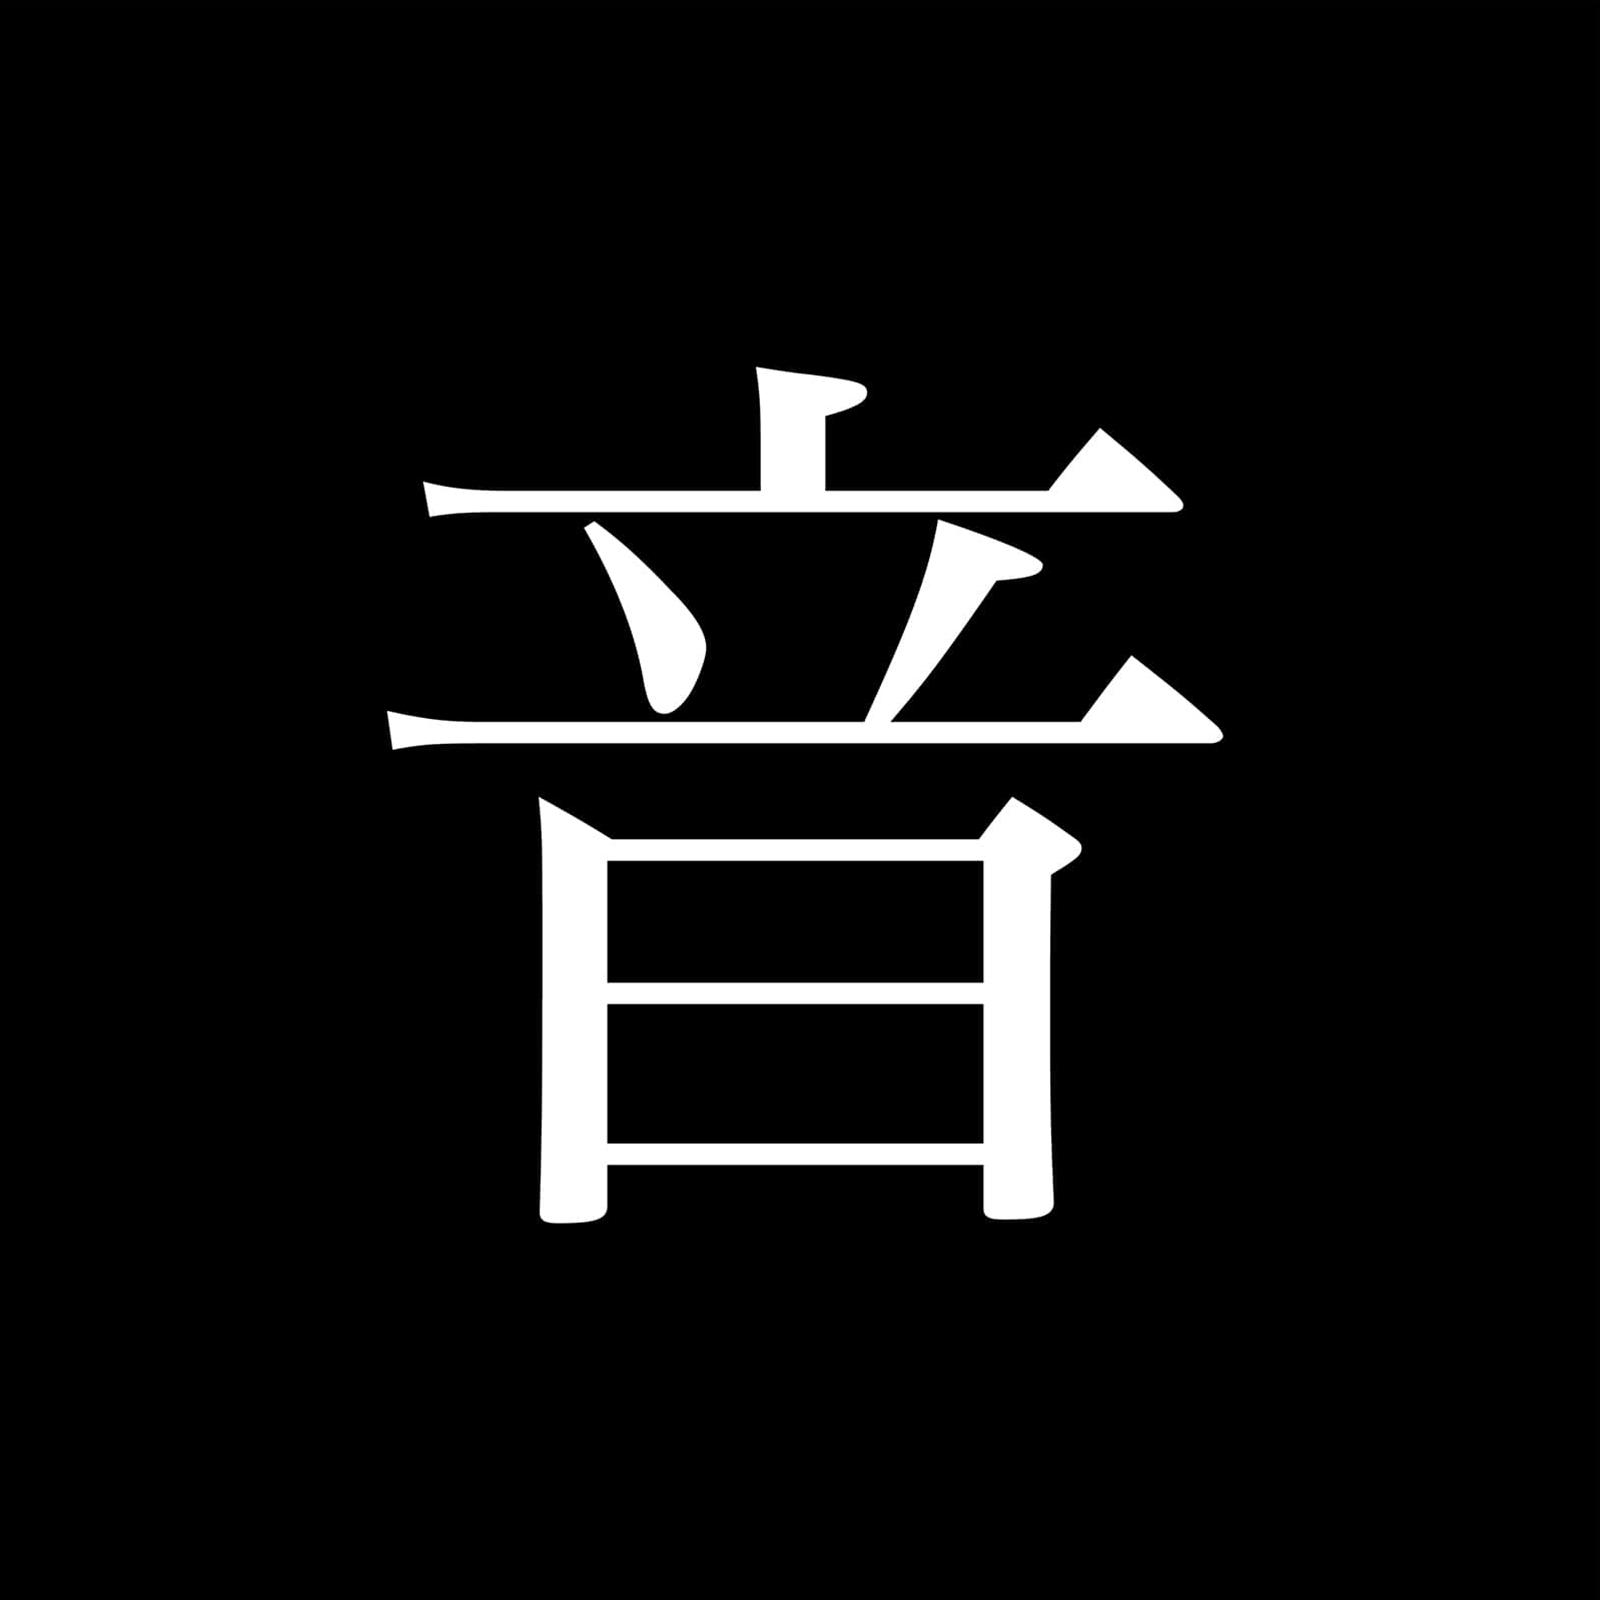 音速ライン_「おてもと」Very Best Of ONSO9LINE-min